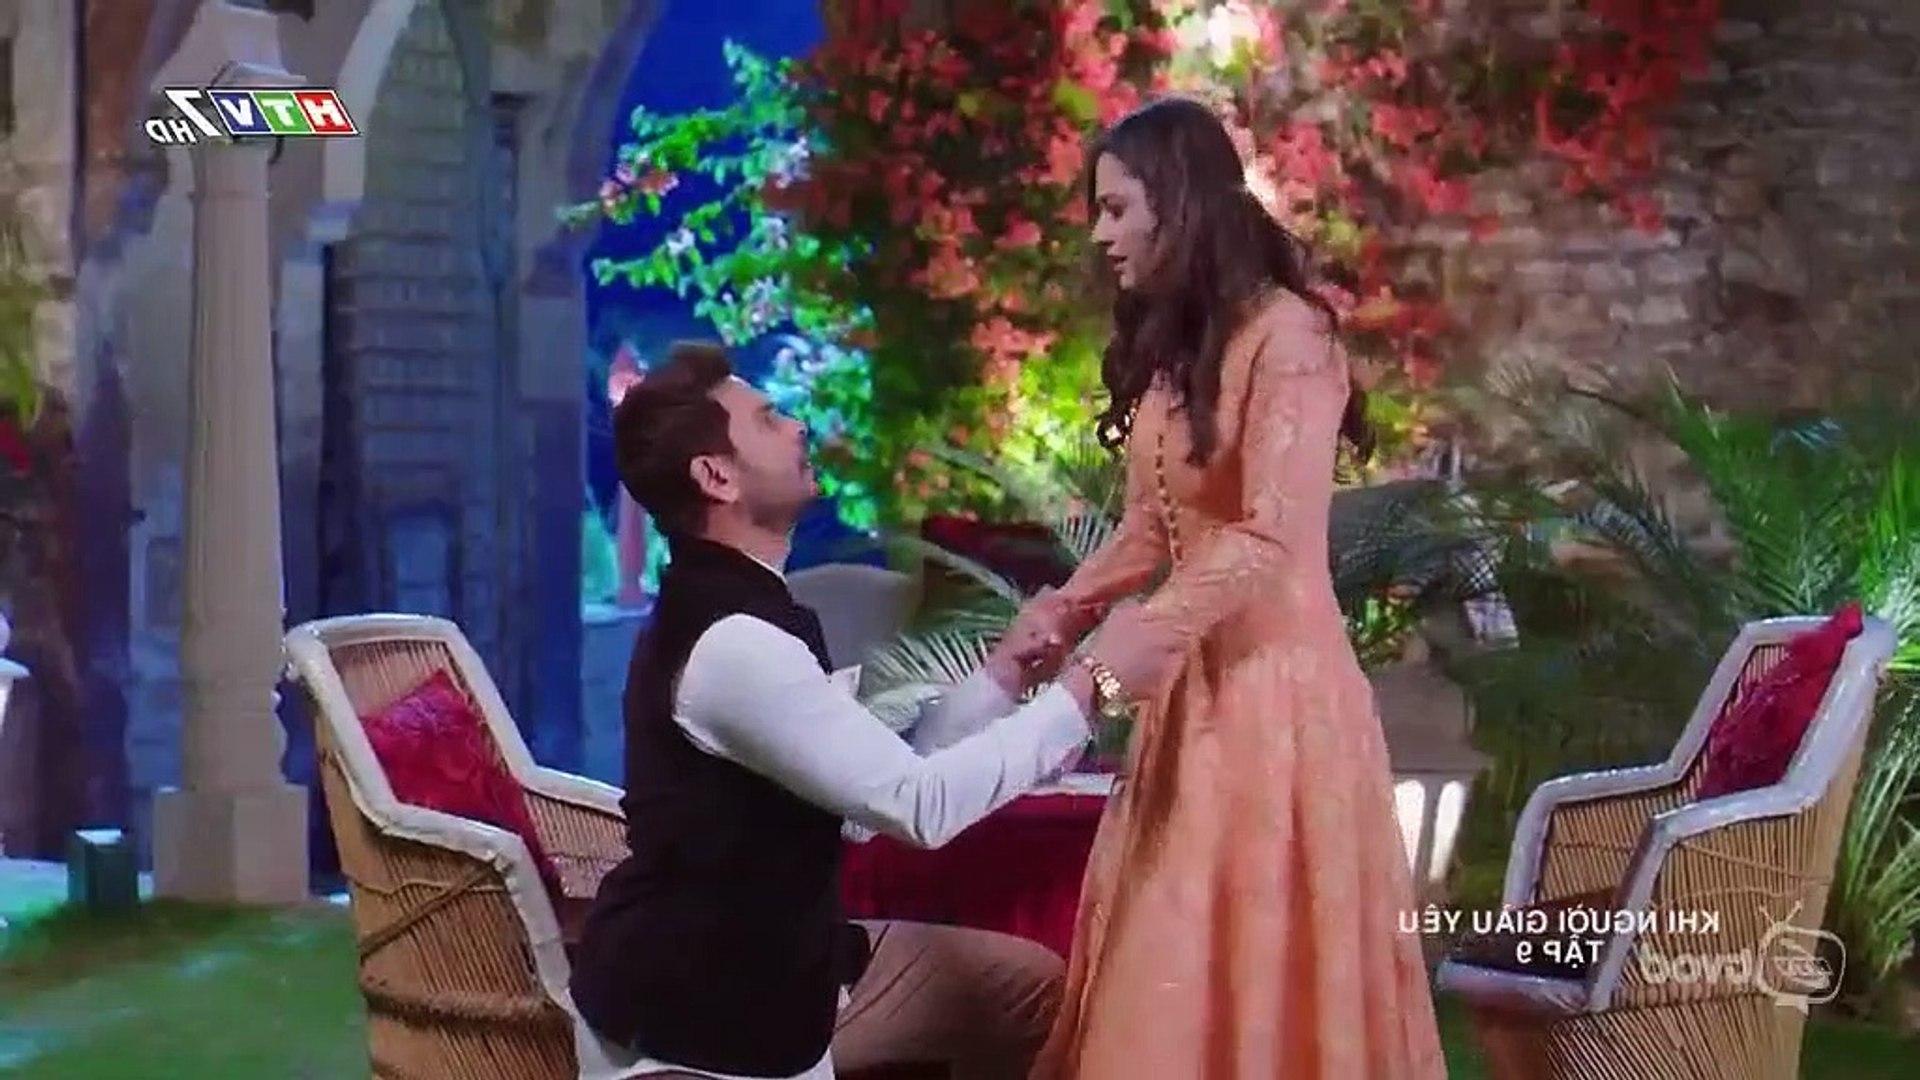 Khi Người Giàu Yêu Tập 9 - HTV7 Lồng Tiếng - Phim Ấn Độ - Phim Khi Nguoi Giau Yeu Tap 9 - Phim Khi N